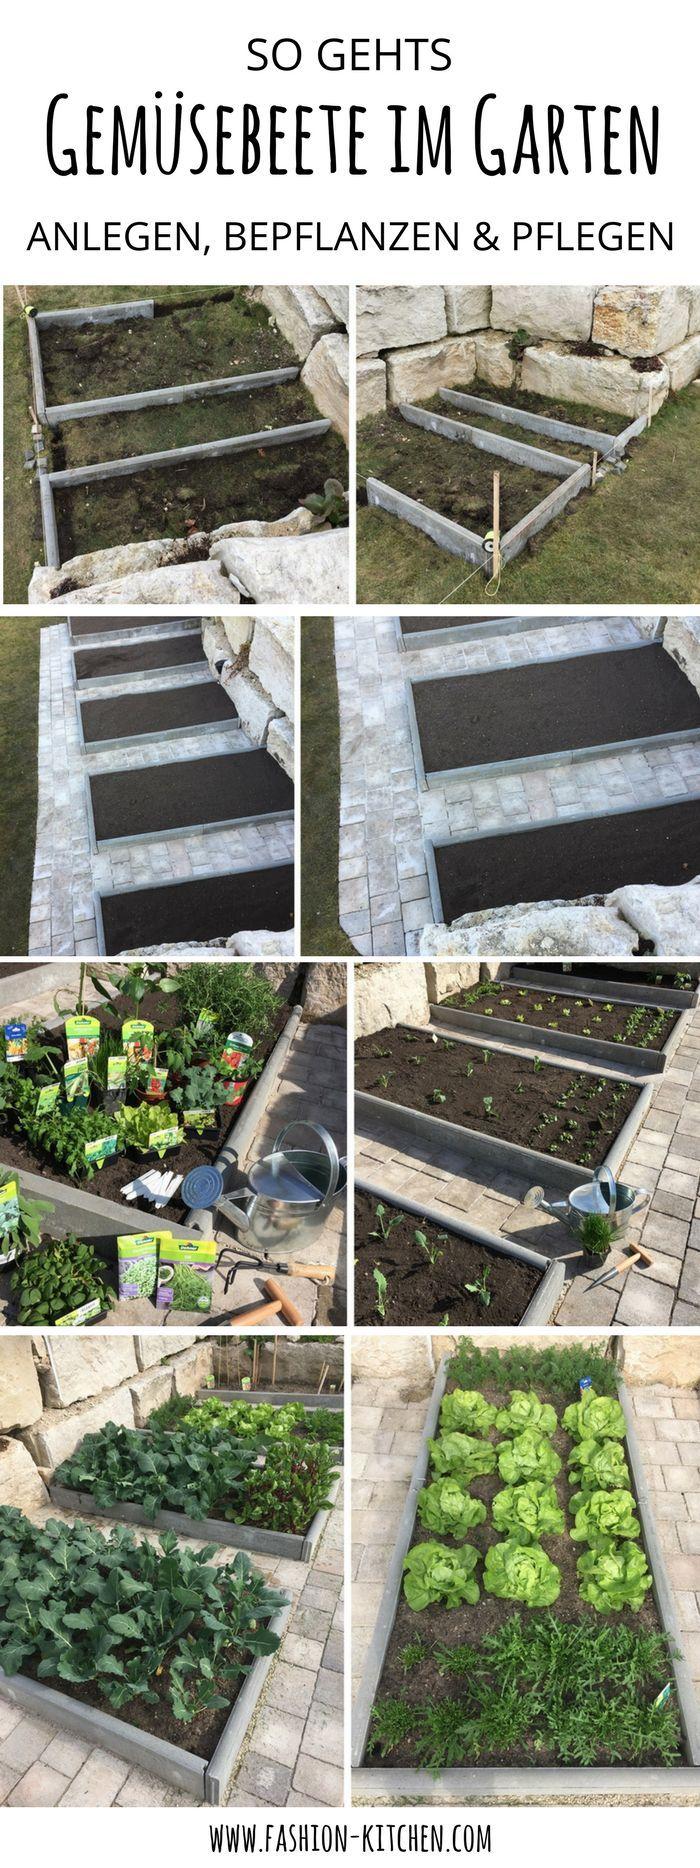 Gemüsebeete im Garten anlegen, bepflanzen & pflegen - Fashion Kitchen